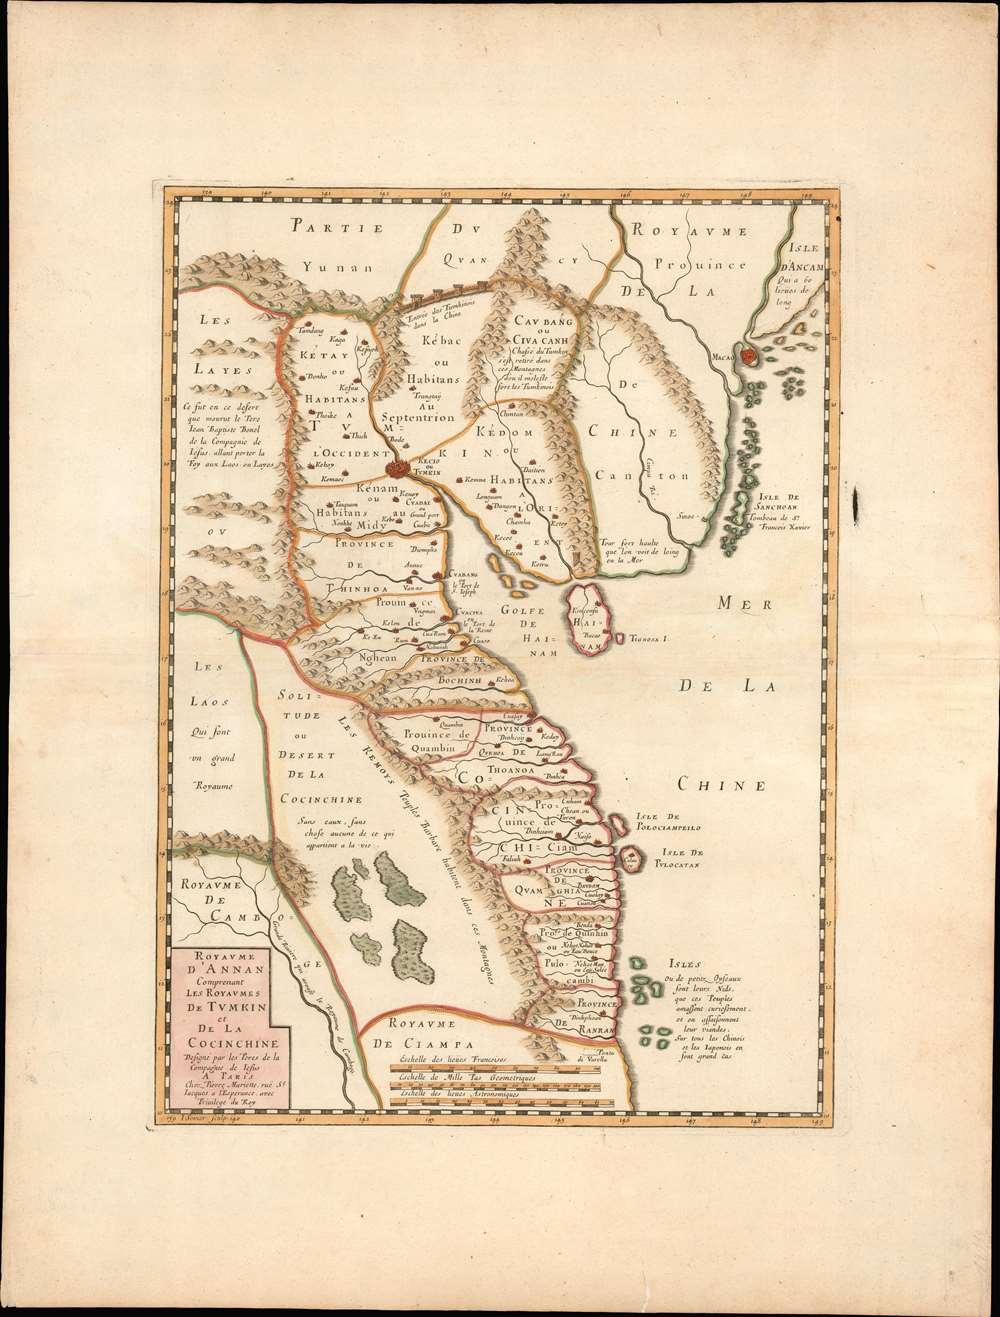 Carte du Royaume d'Annam, comprenant les Royaumes du Tumkin et de la Cocinchine. - Alternate View 1